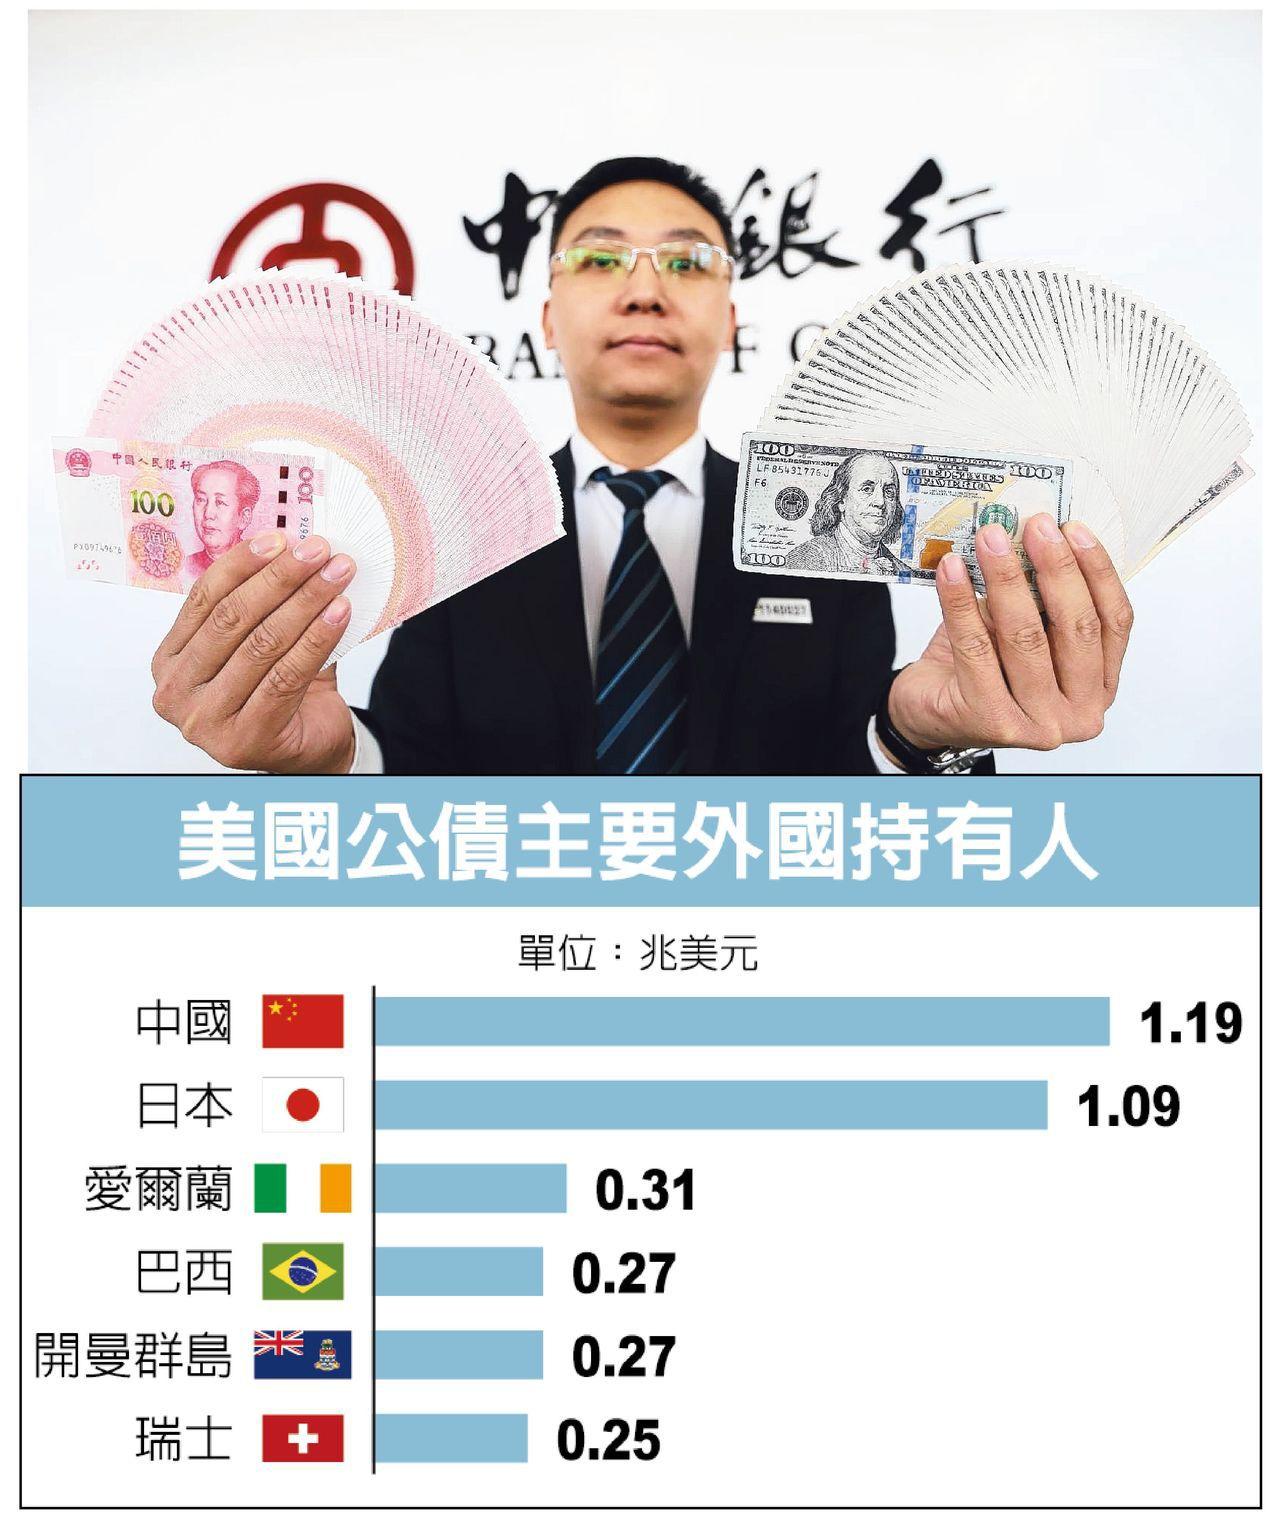 負責檢討中國龐大外匯儲備資產的官員認為,美國公債的投資吸引力降低,且中國與美國之...